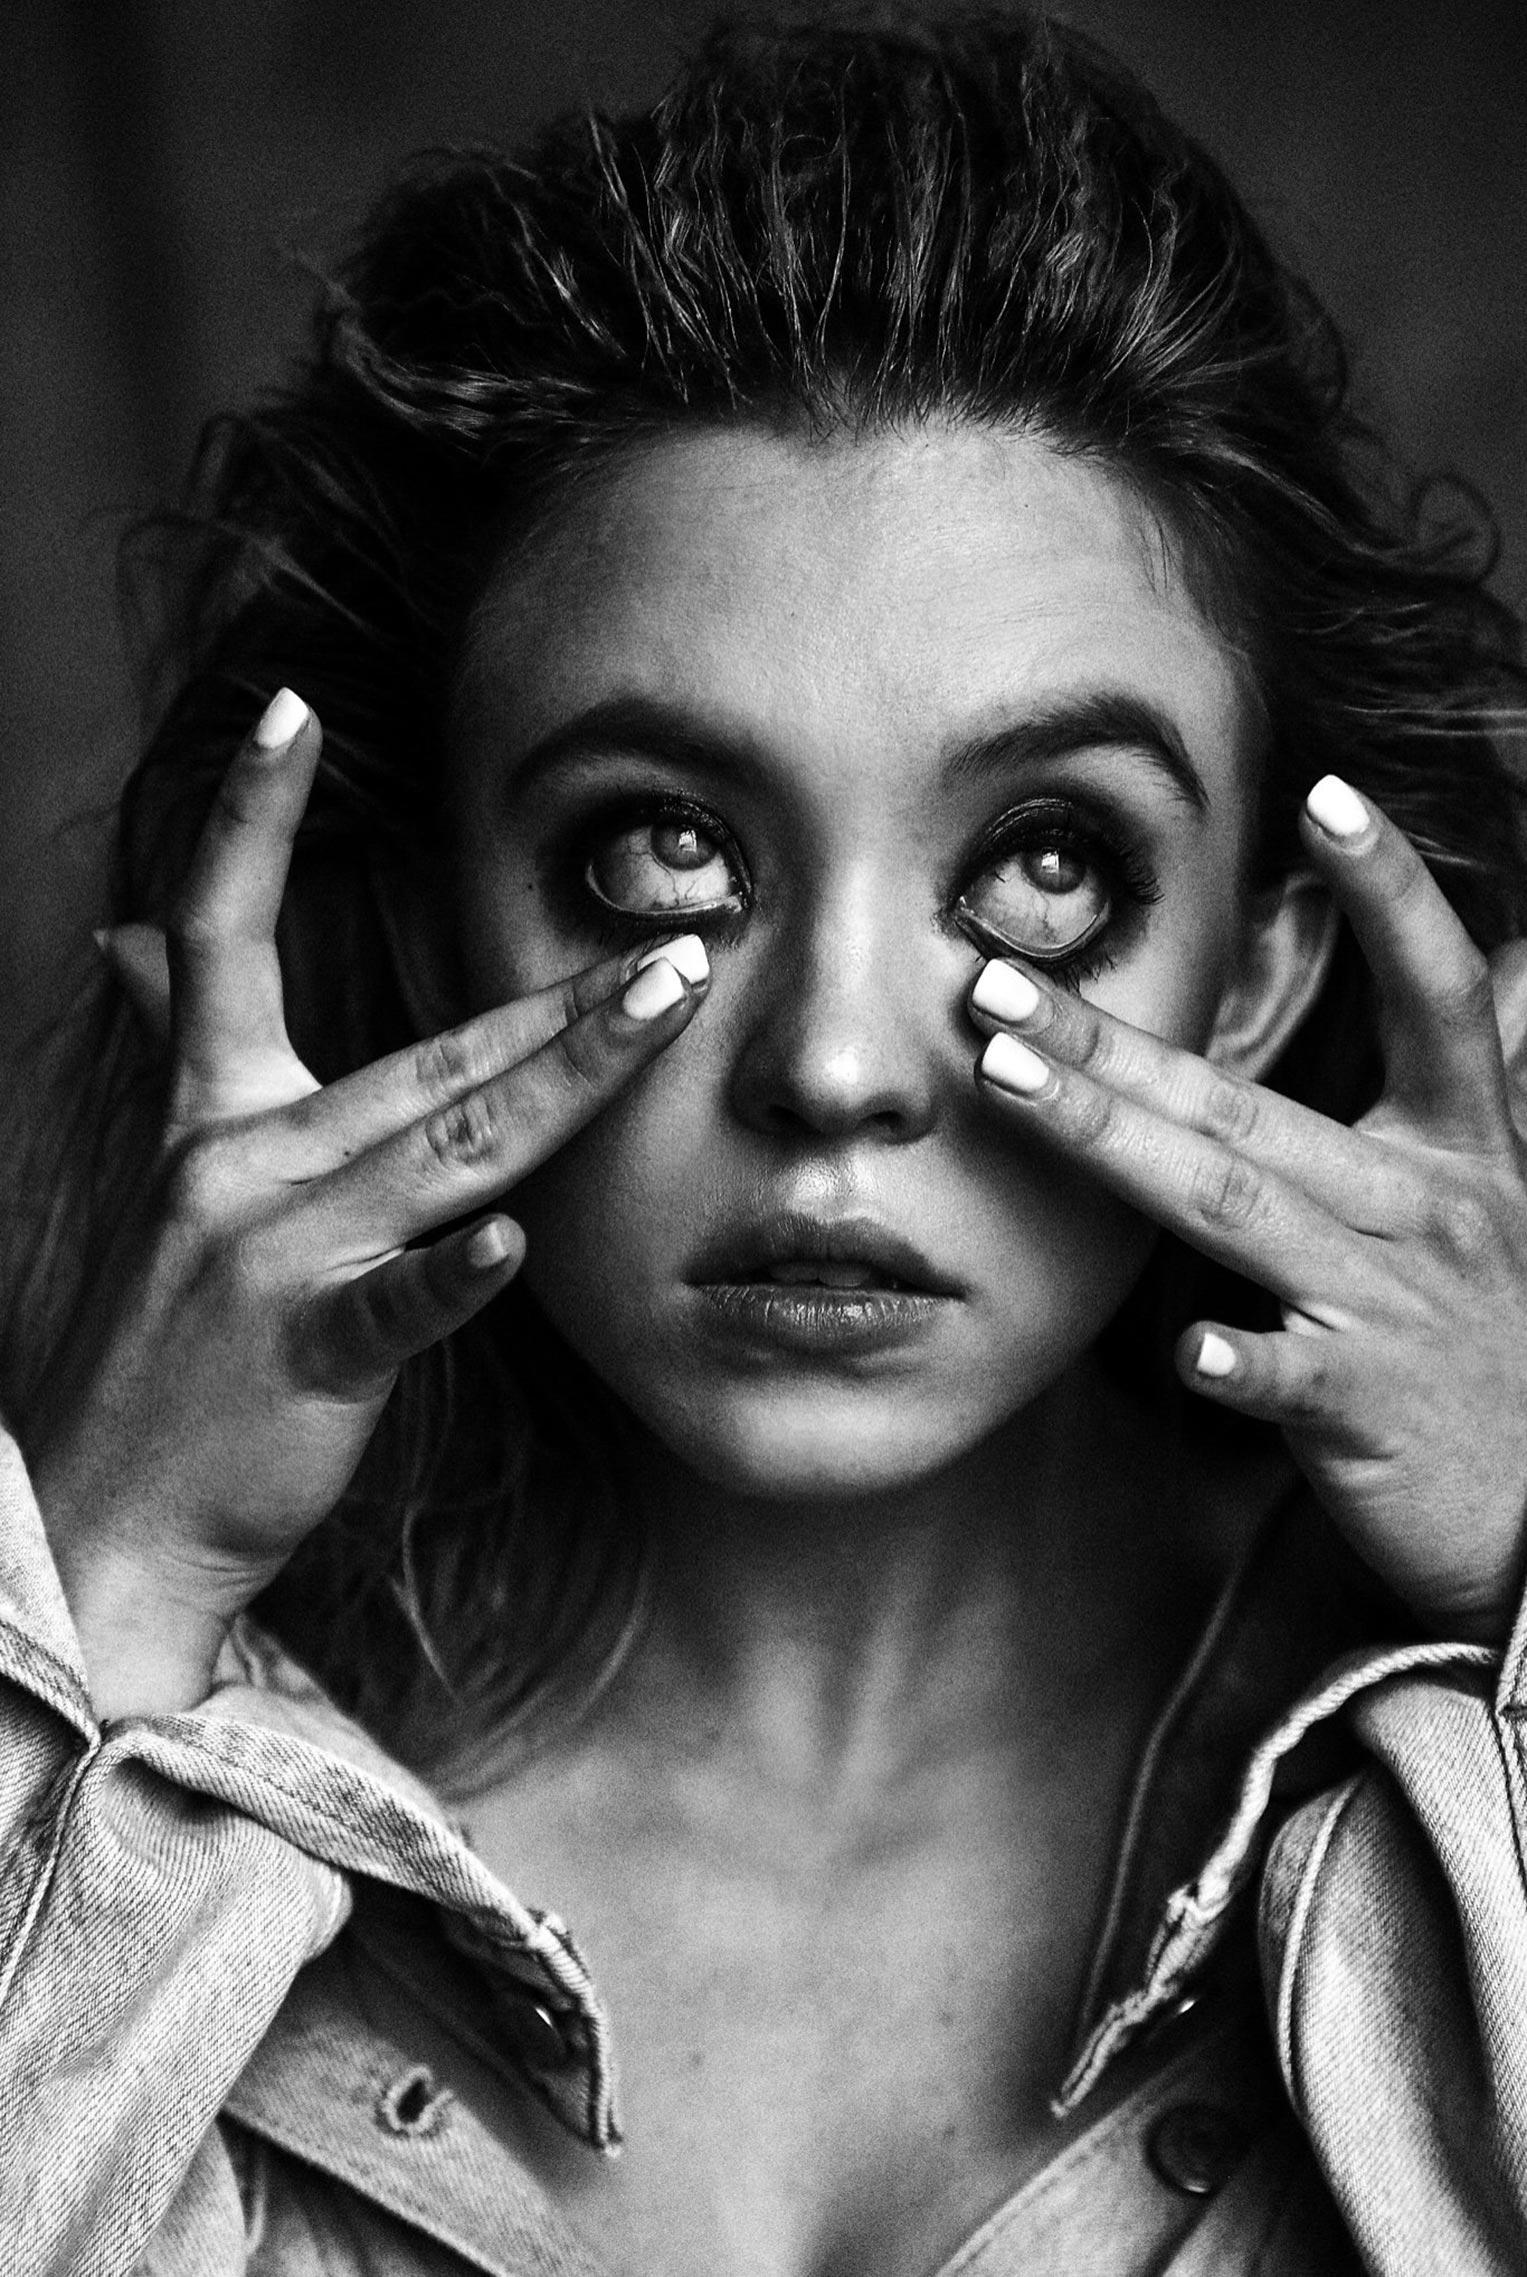 Сидни Свини на черно-белых снимках Дэмона Бейкера / фото 02